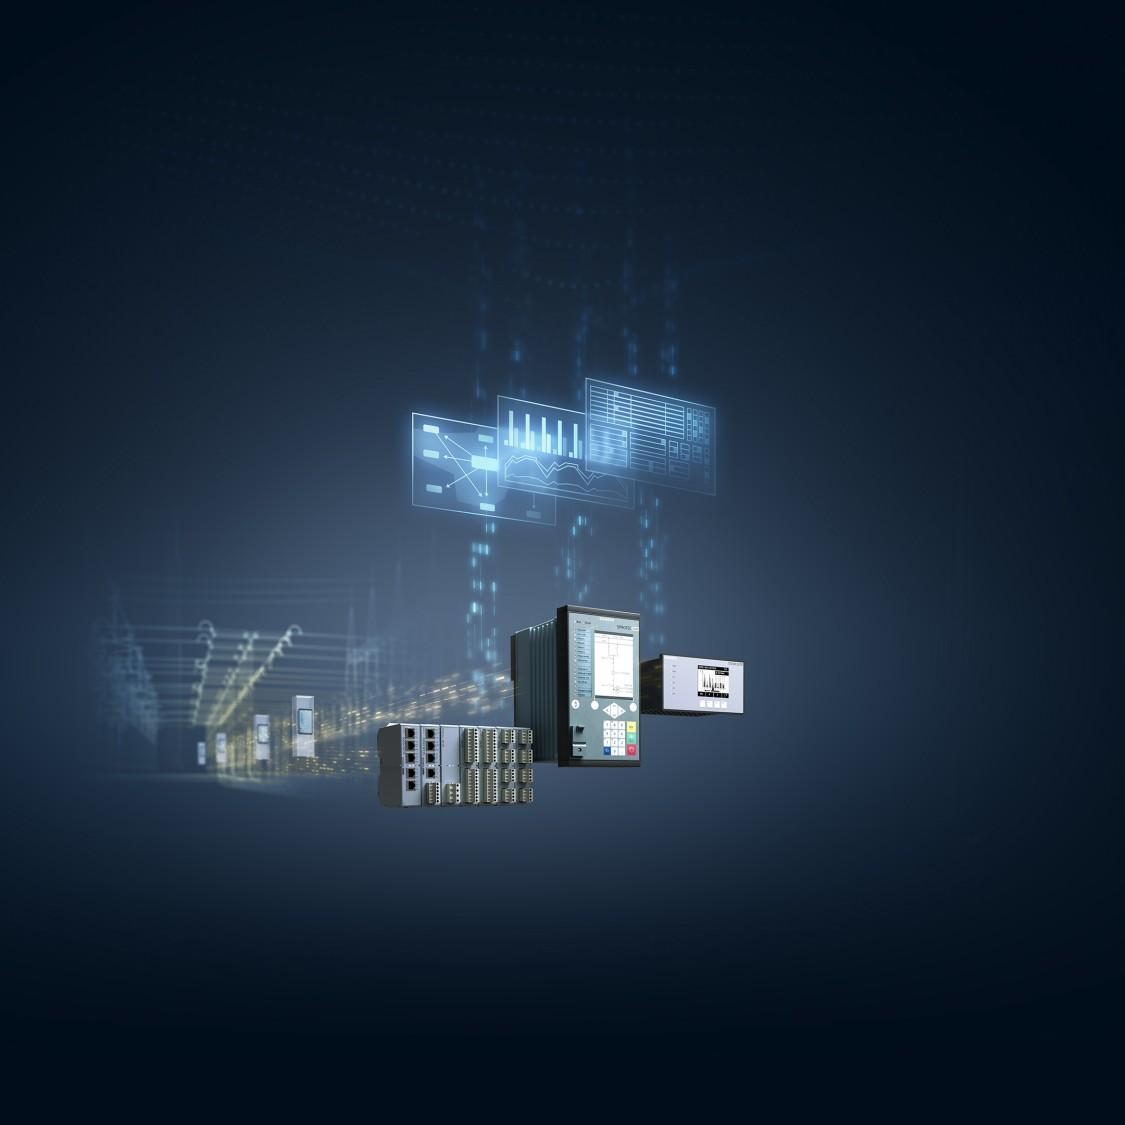 Energieautomatisierung für die Industrie